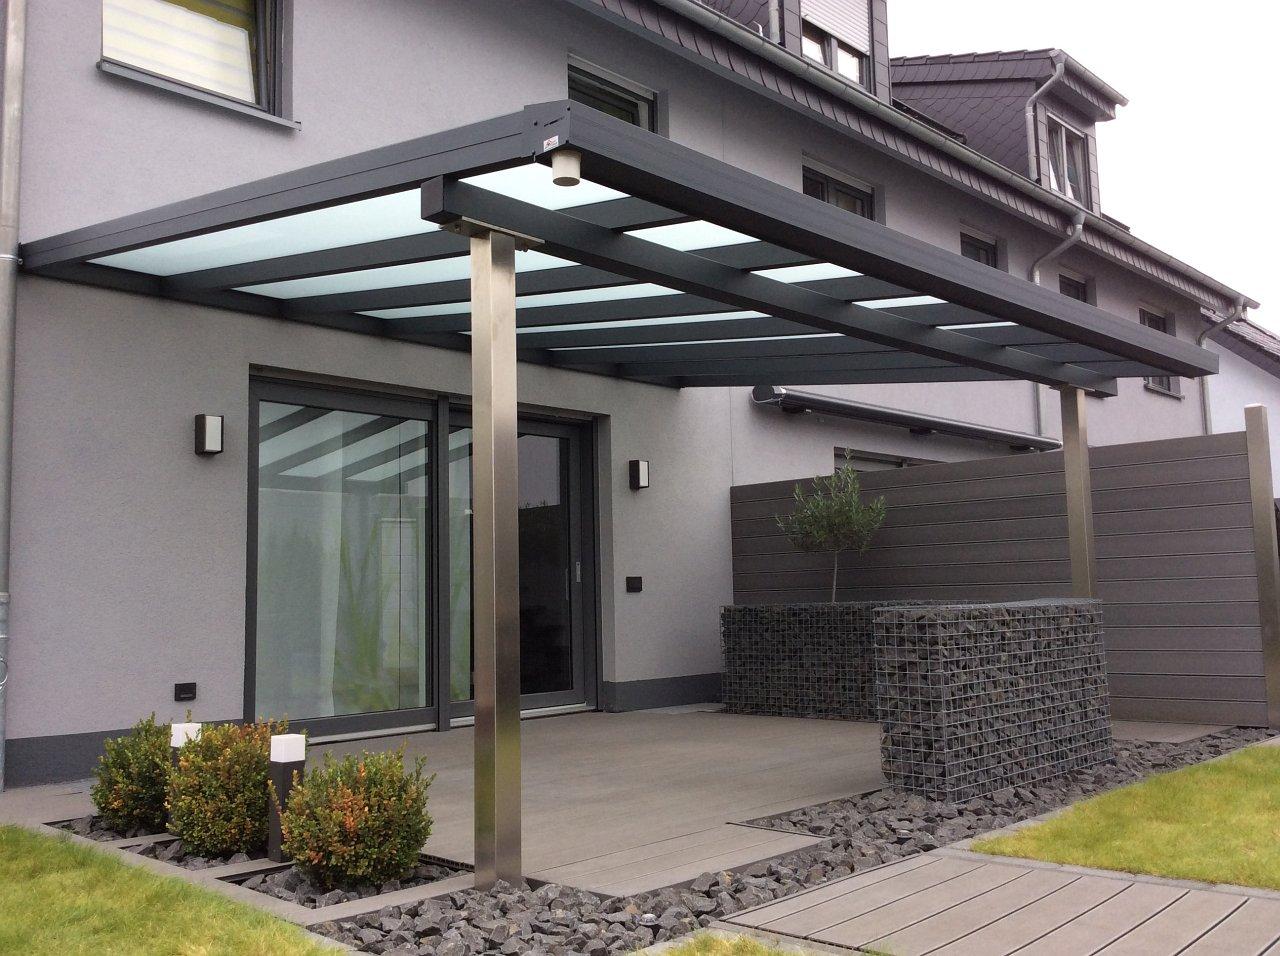 Terrassenüberdachung milchig